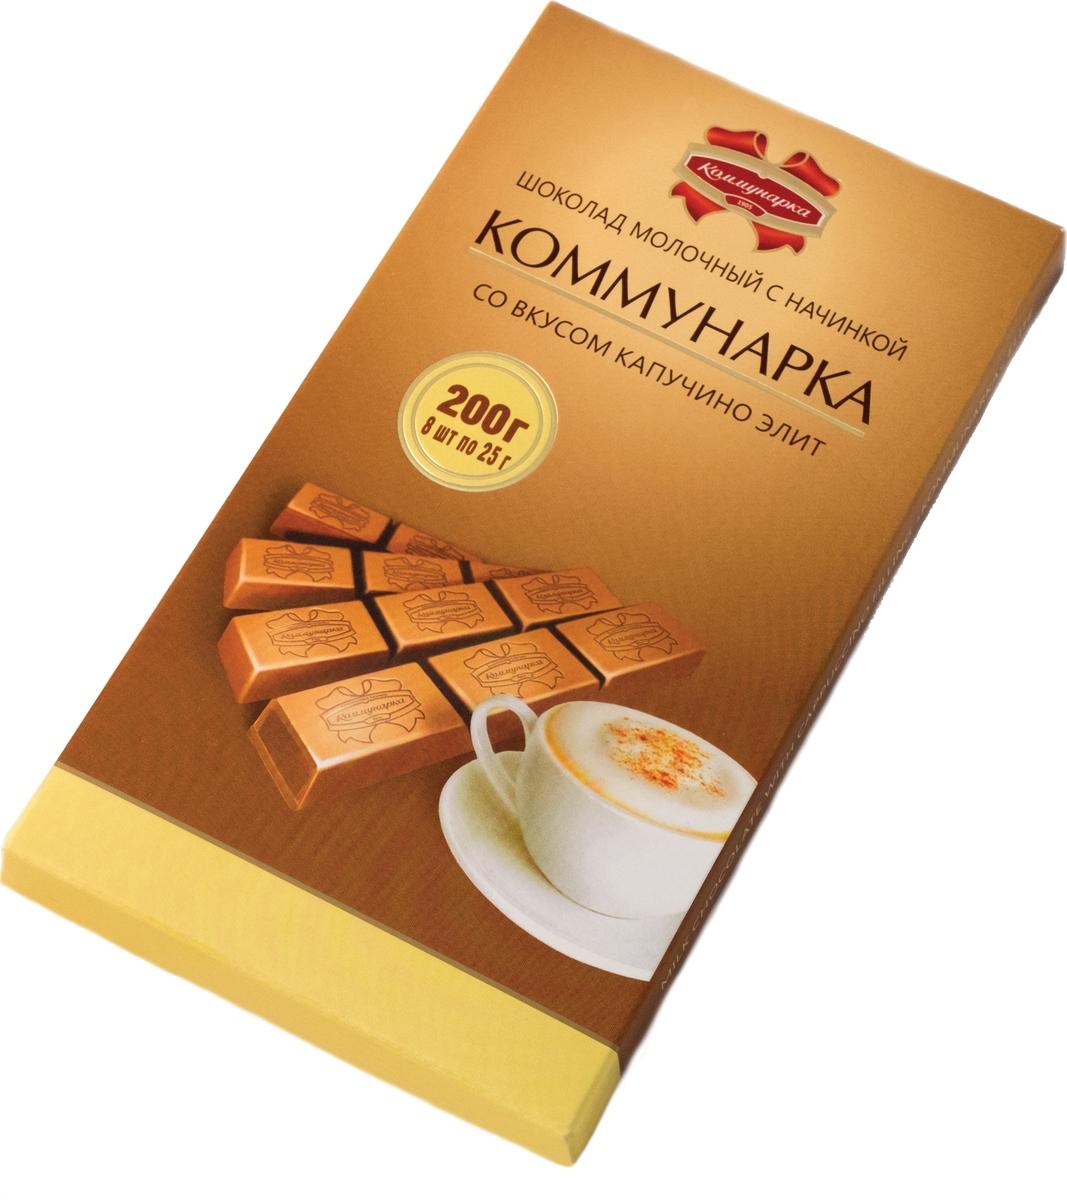 Коммунарка шоколад молочный со вкусом капучино элит, 200 г коммунарка шоколад молочный с кокосовой нугой 85 г